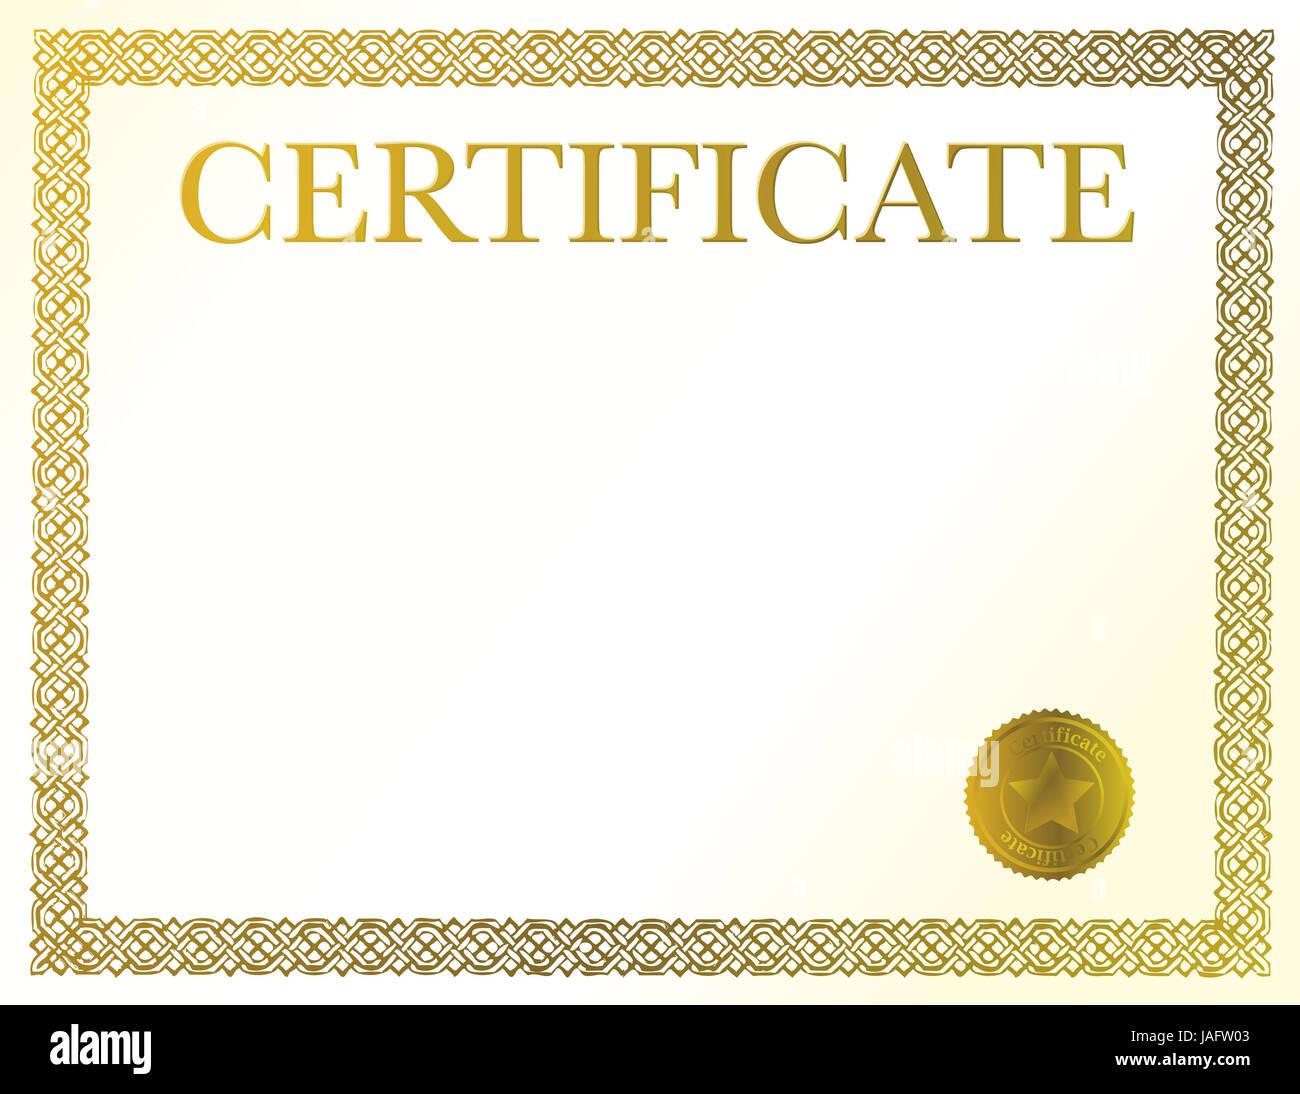 Vector Official Certificate Template Stock Photos Vector Official